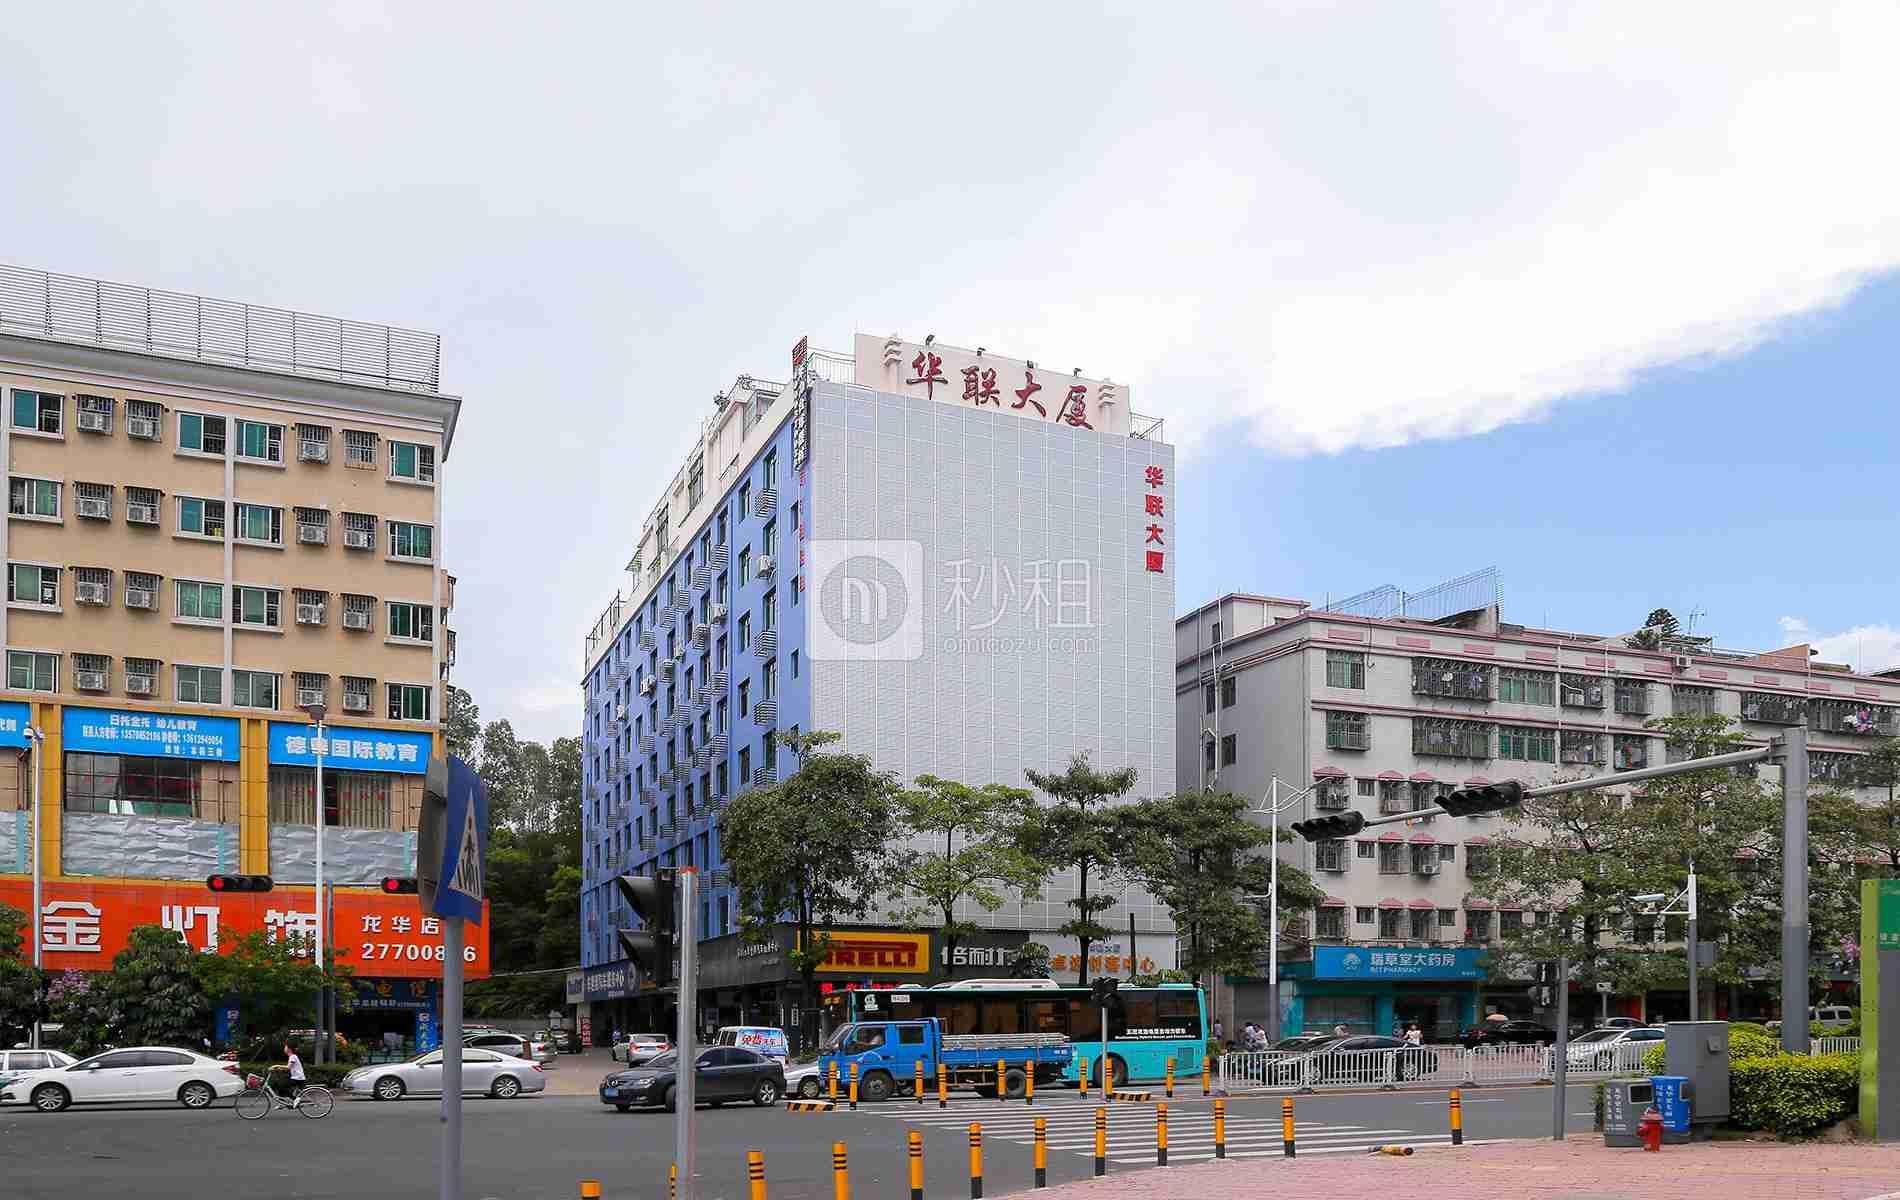 华联大厦(龙华)写字楼出租/招租/租赁,华联大厦(龙华)办公室出租/招租/租赁